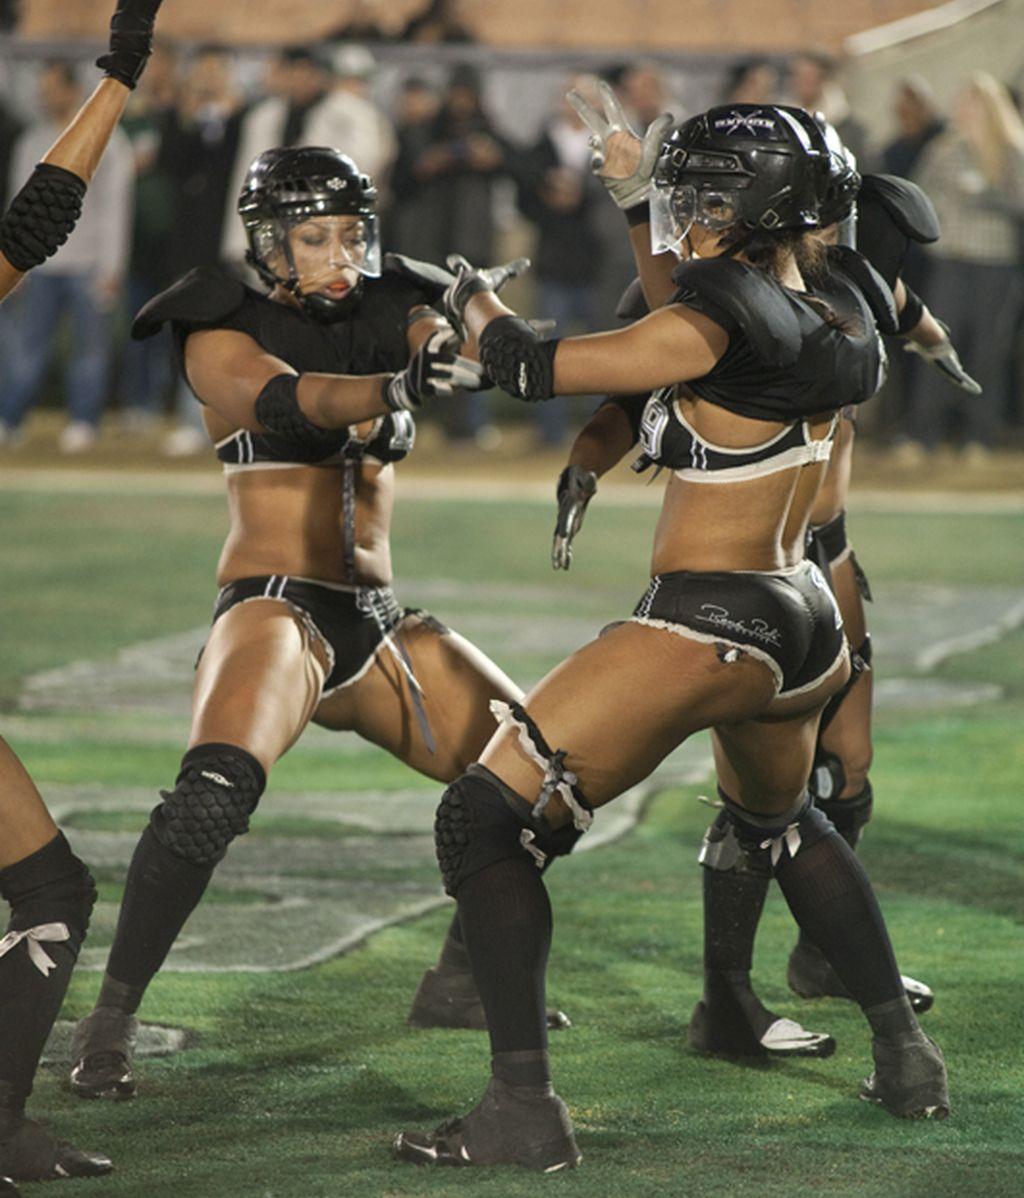 La sexy Liga de fútbol en ropa interior